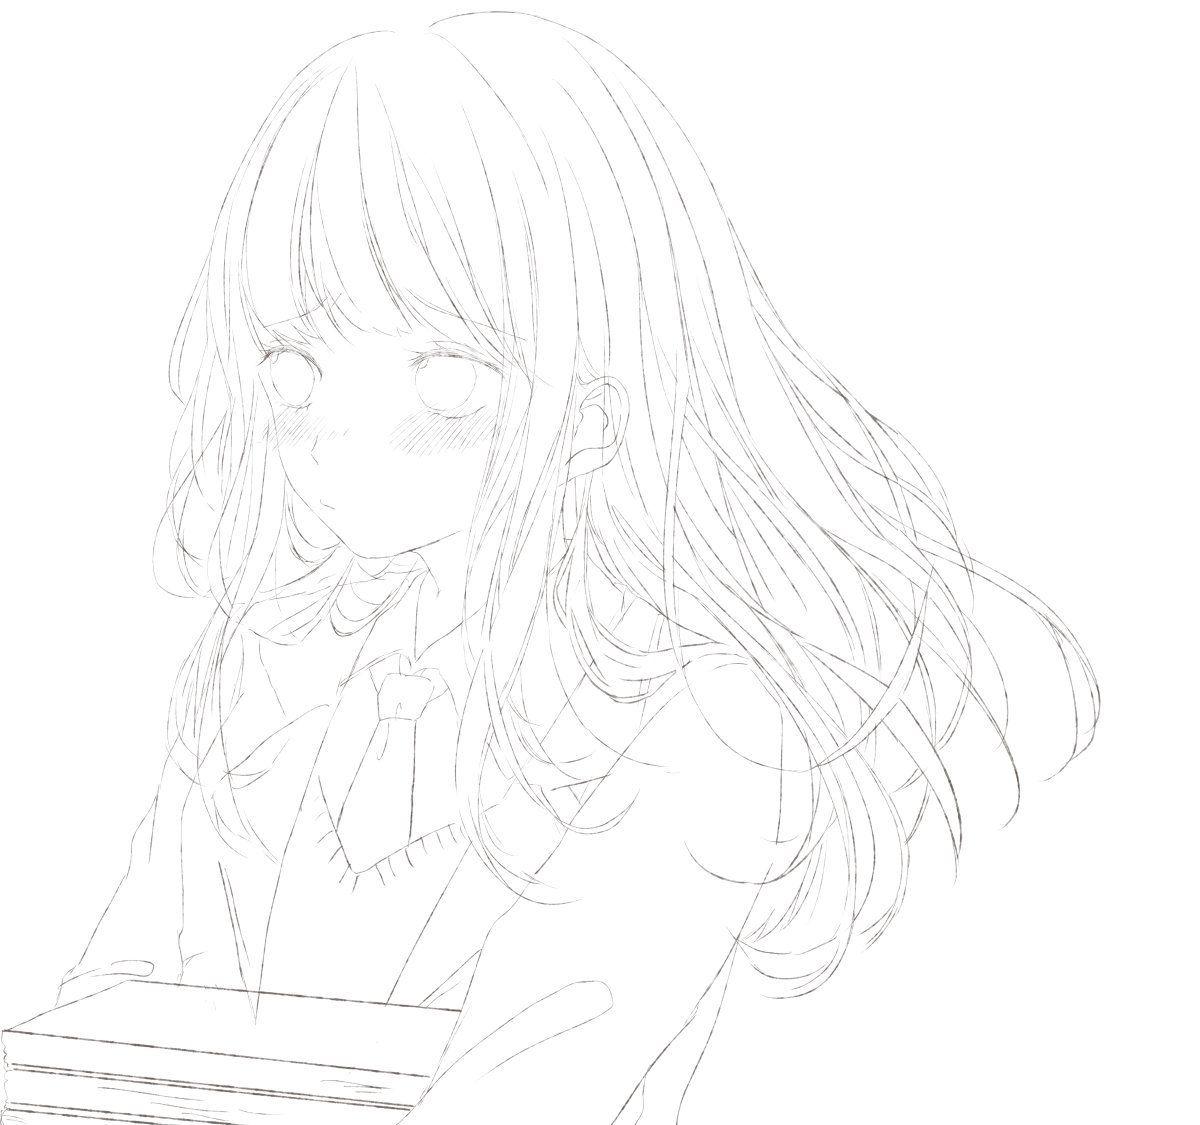 「drawings」おしゃれまとめの人気アイデア|Pinterest|😛🎈 可愛い女の子 イラスト, 髪 描き方